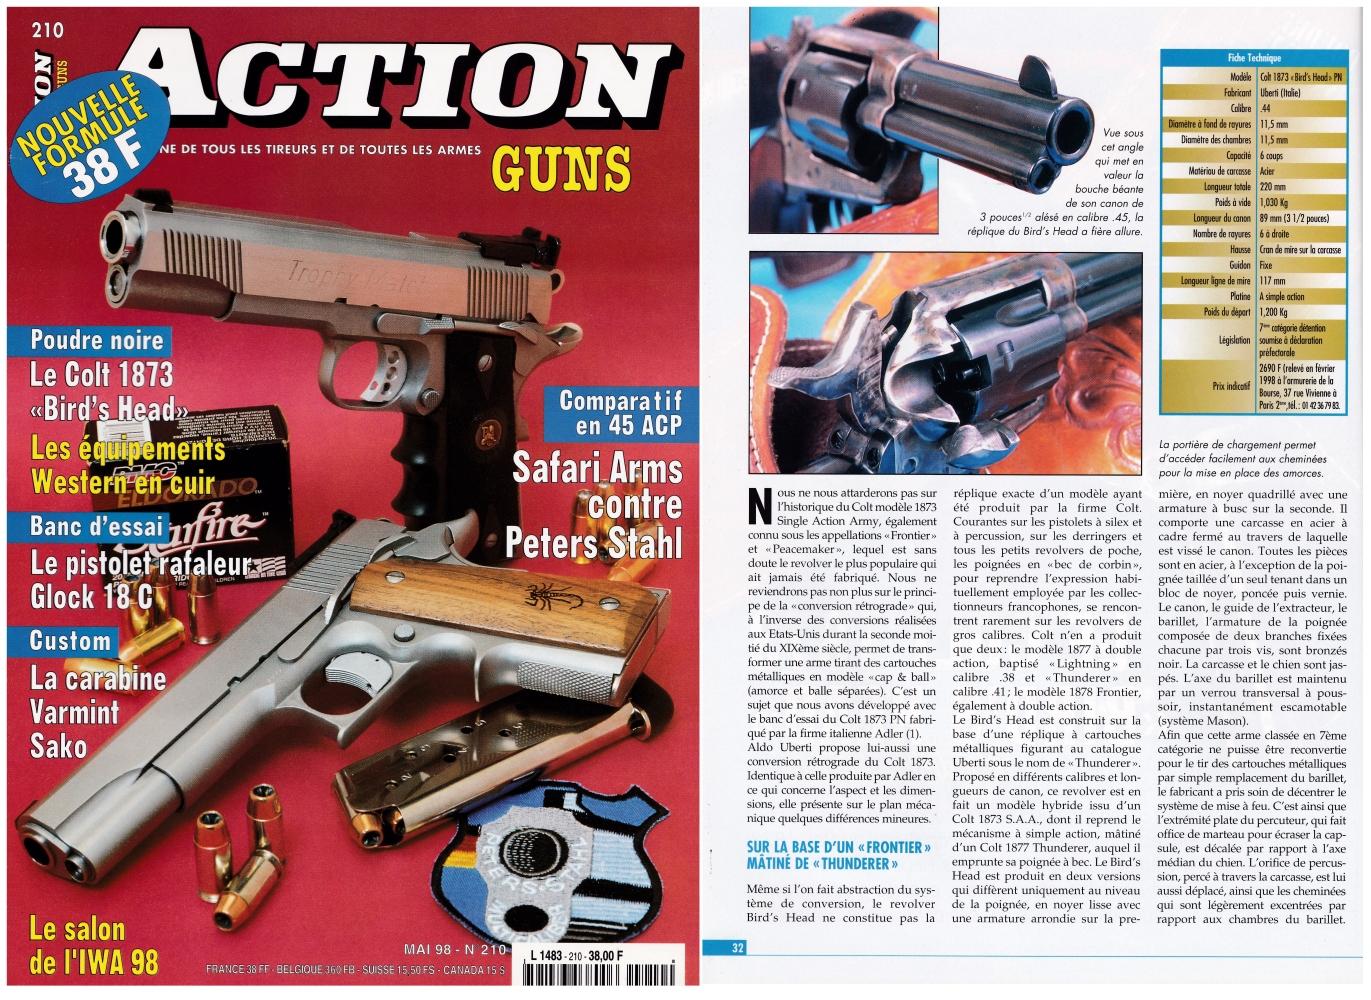 """Le banc d'essai du Colt """"Bird's Head"""" a été publié sur 5 pages dans le magazine Action Guns n°210 (mai 1998)."""